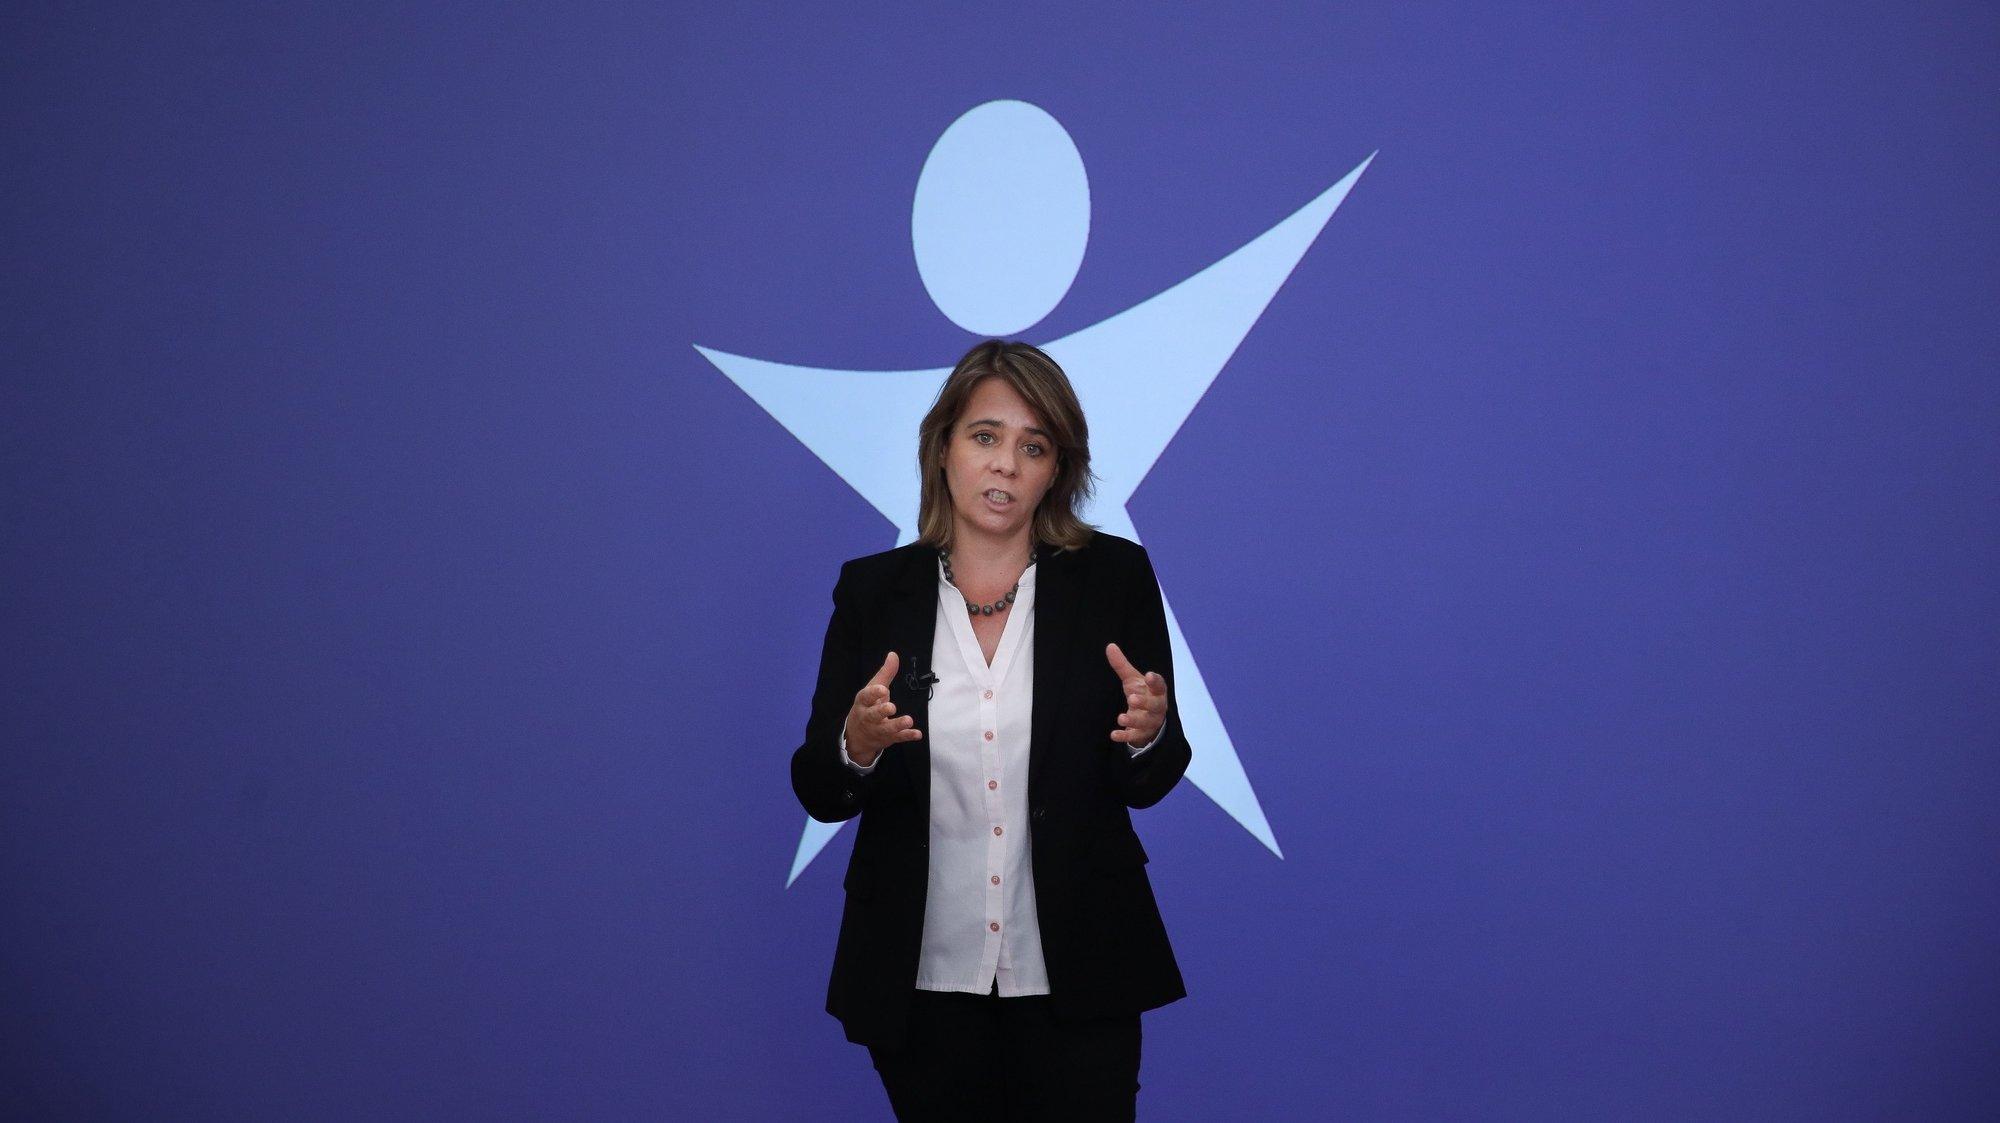 A coordenadora do Bloco de Esquerda (BE), Catarina Martins, fala aos jornalistas durante a conferência de imprensa sobre Orçamento do Estado, na sede do partido em Lisboa, 09 de setembro de 2021. MÁRIO CRUZ/LUSA